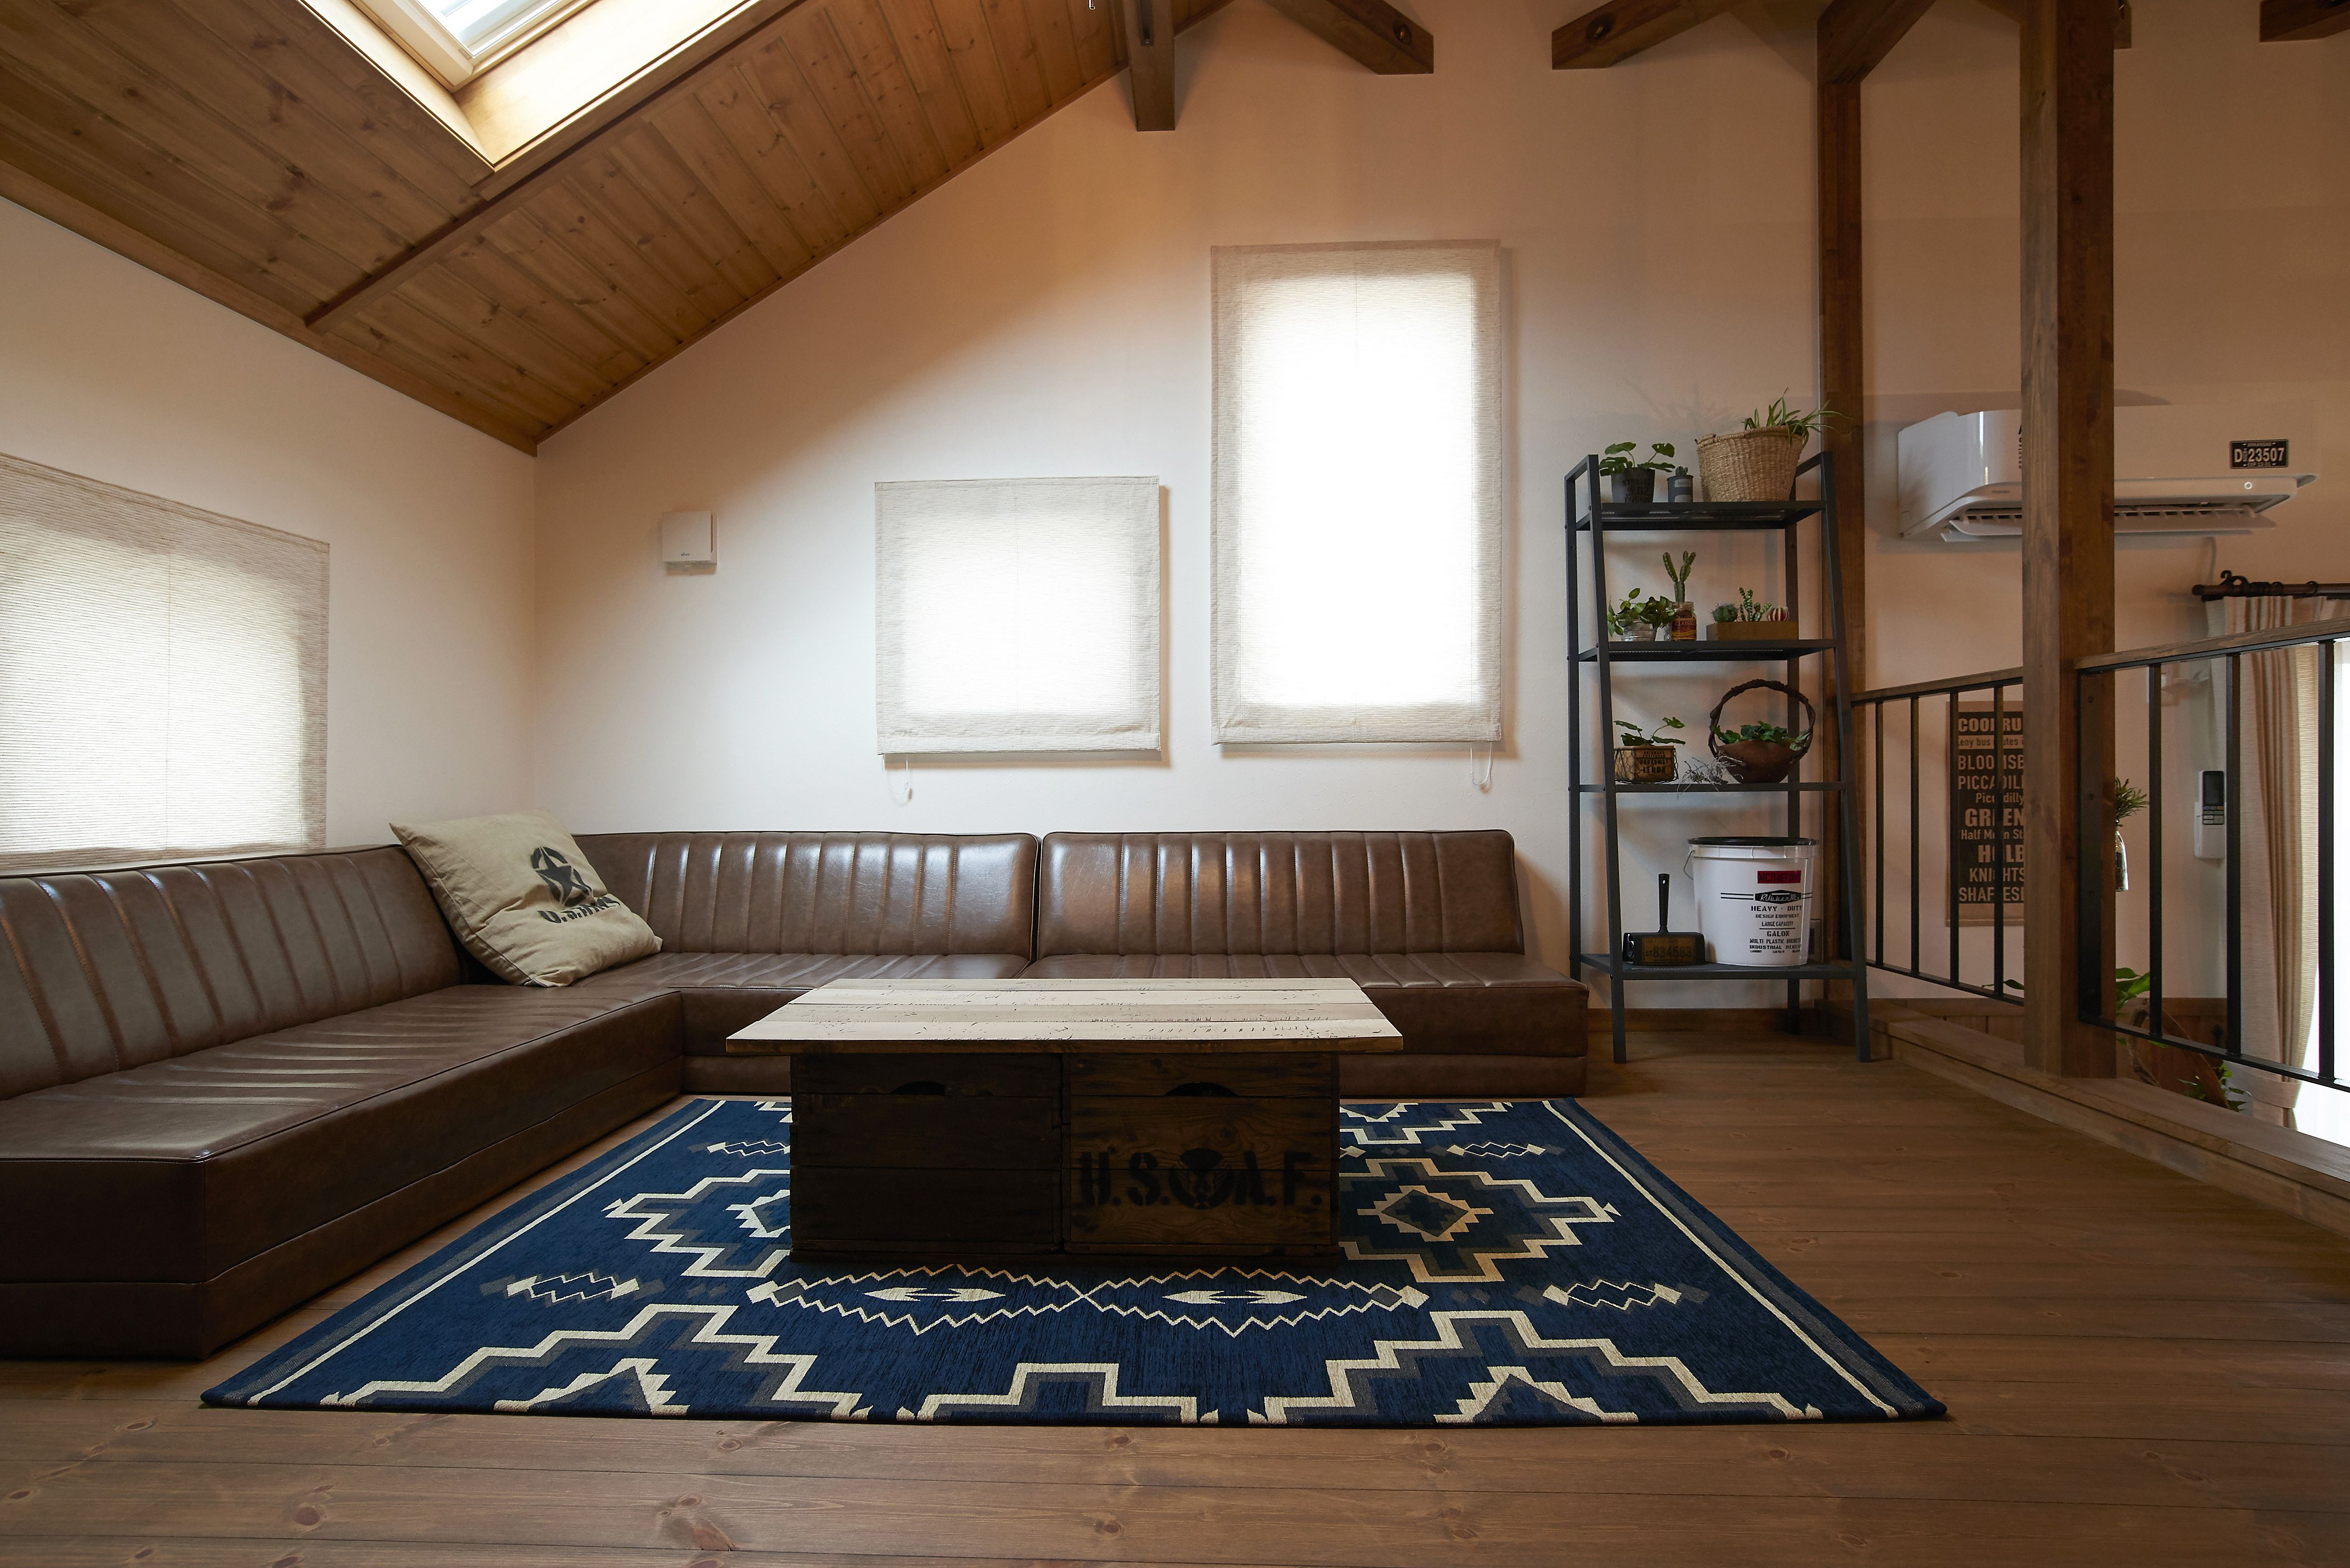 誰からも愛される親しみやすい三角屋根の外観と 自然素材の家 Allen